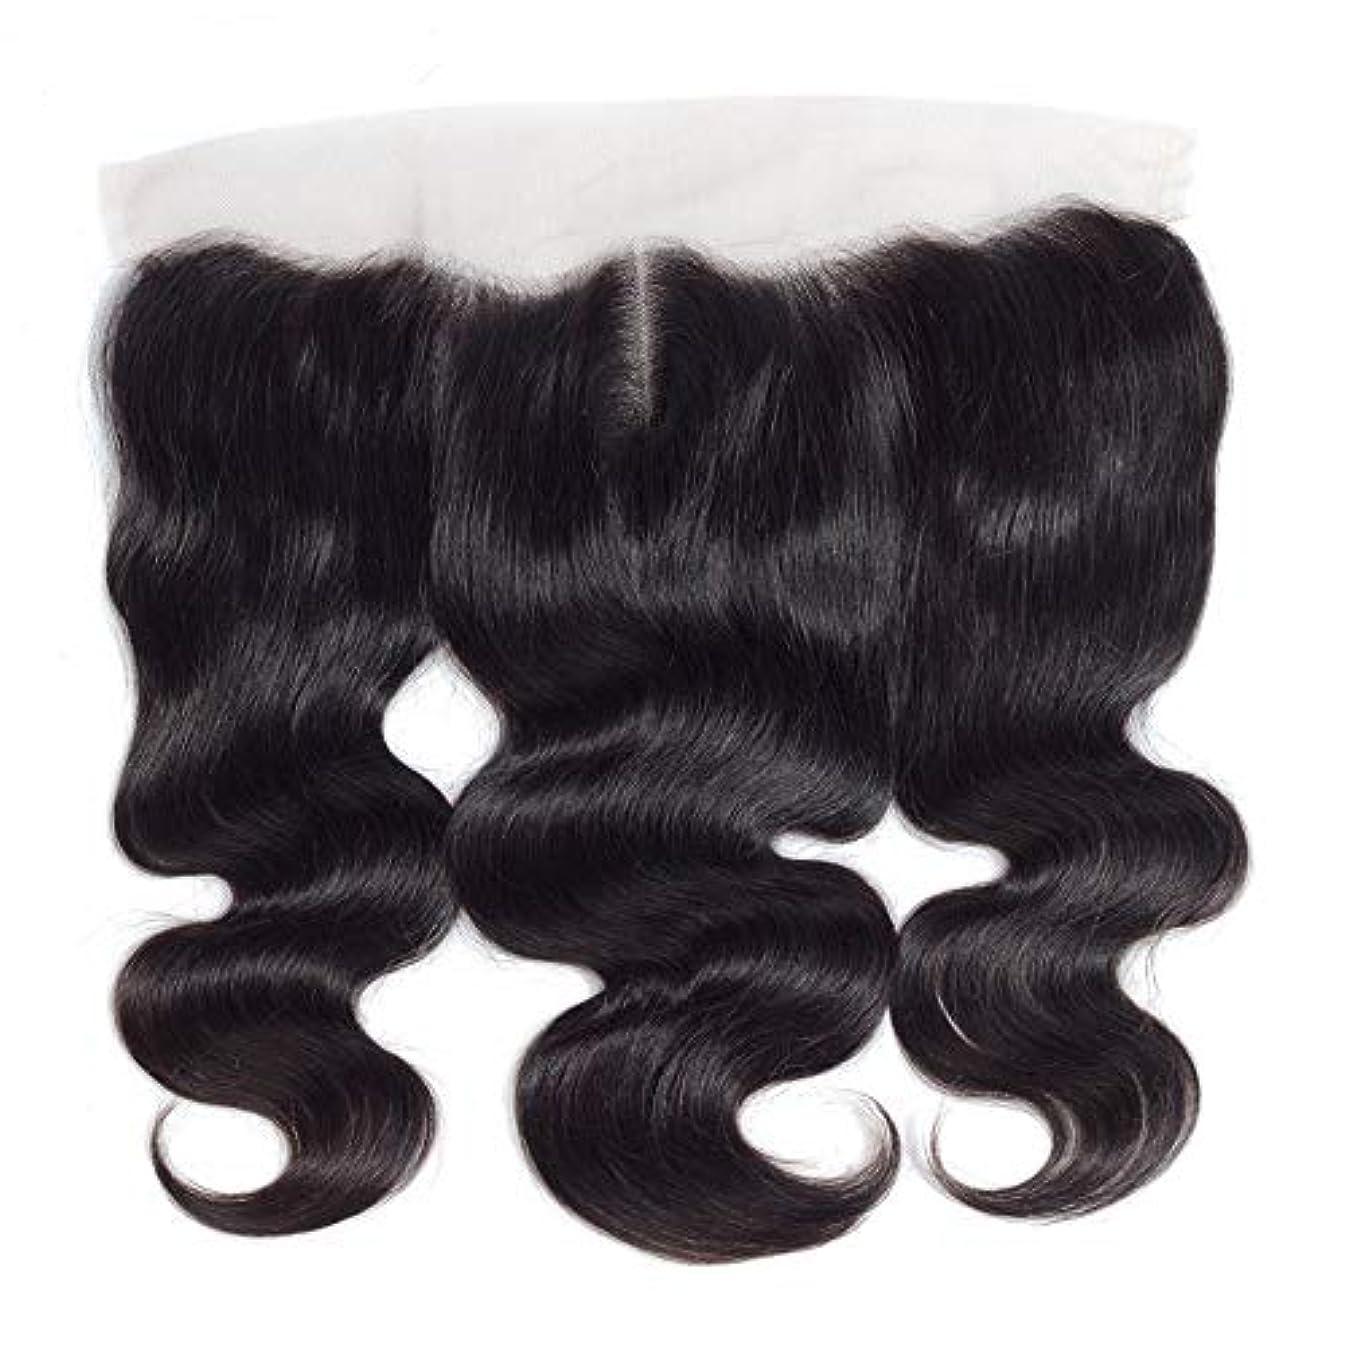 着服不合格満たすWASAIO 13個の* 4つのレースフロンタル閉鎖人間のヘアエクステンションクリップ裏地なし髪型Piece-ブラジルボディウェーブトップ中間セクション別れ (色 : 黒, サイズ : 18 inch)